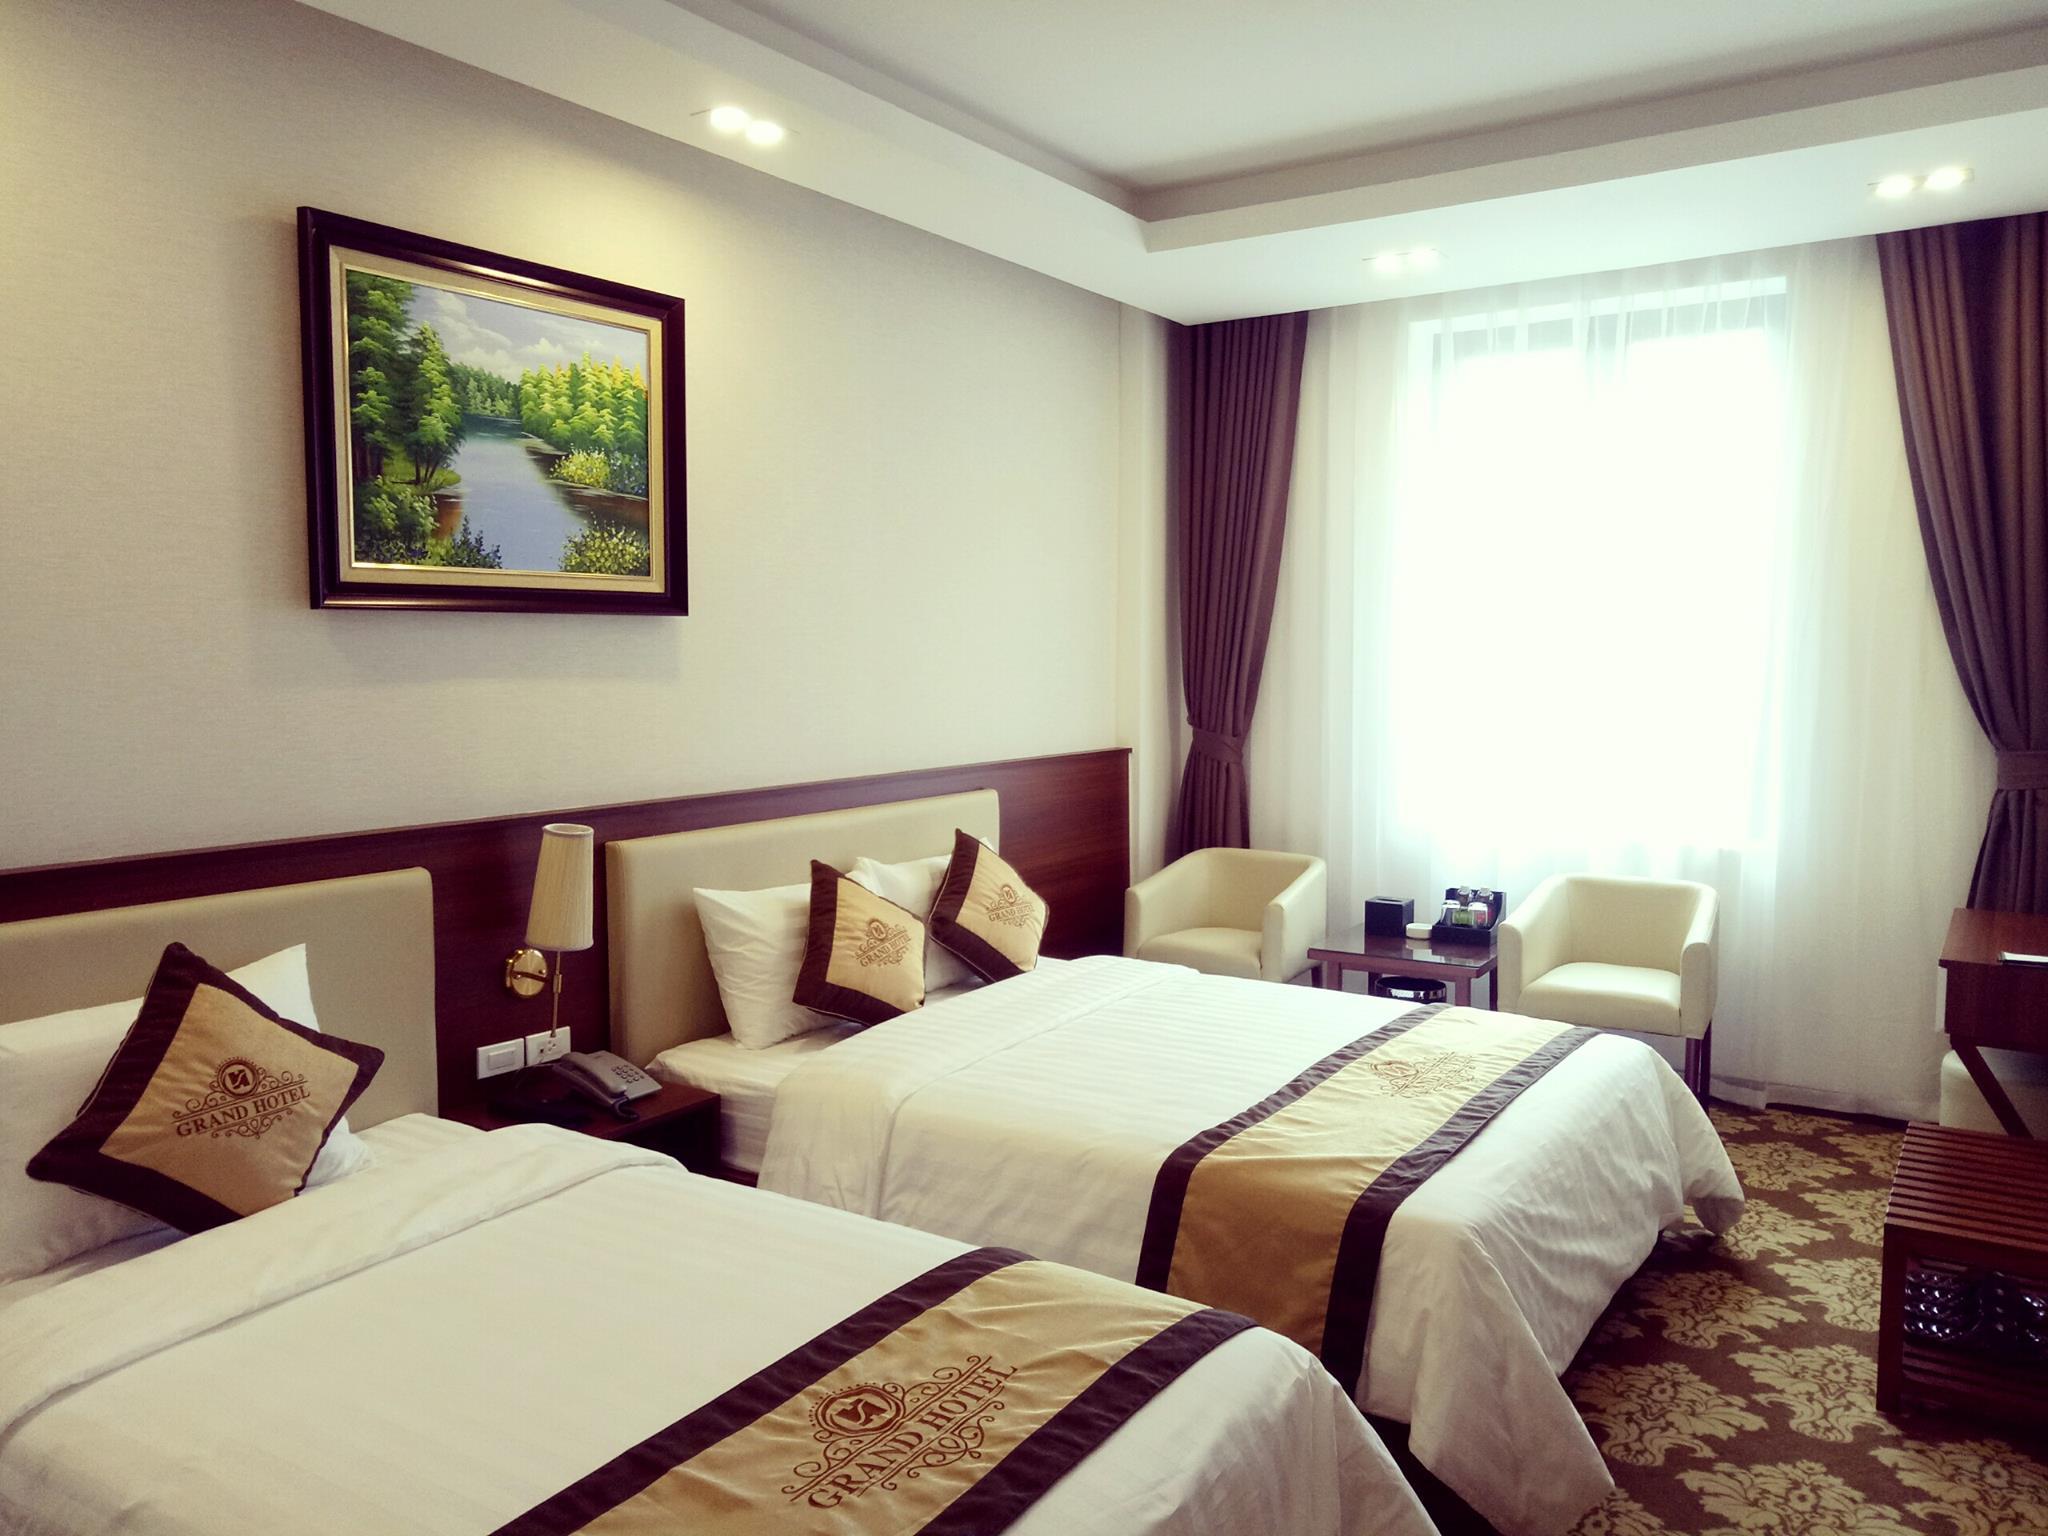 Hình ảnh hệ thống phòng nghỉ tại GRAND HOTEL